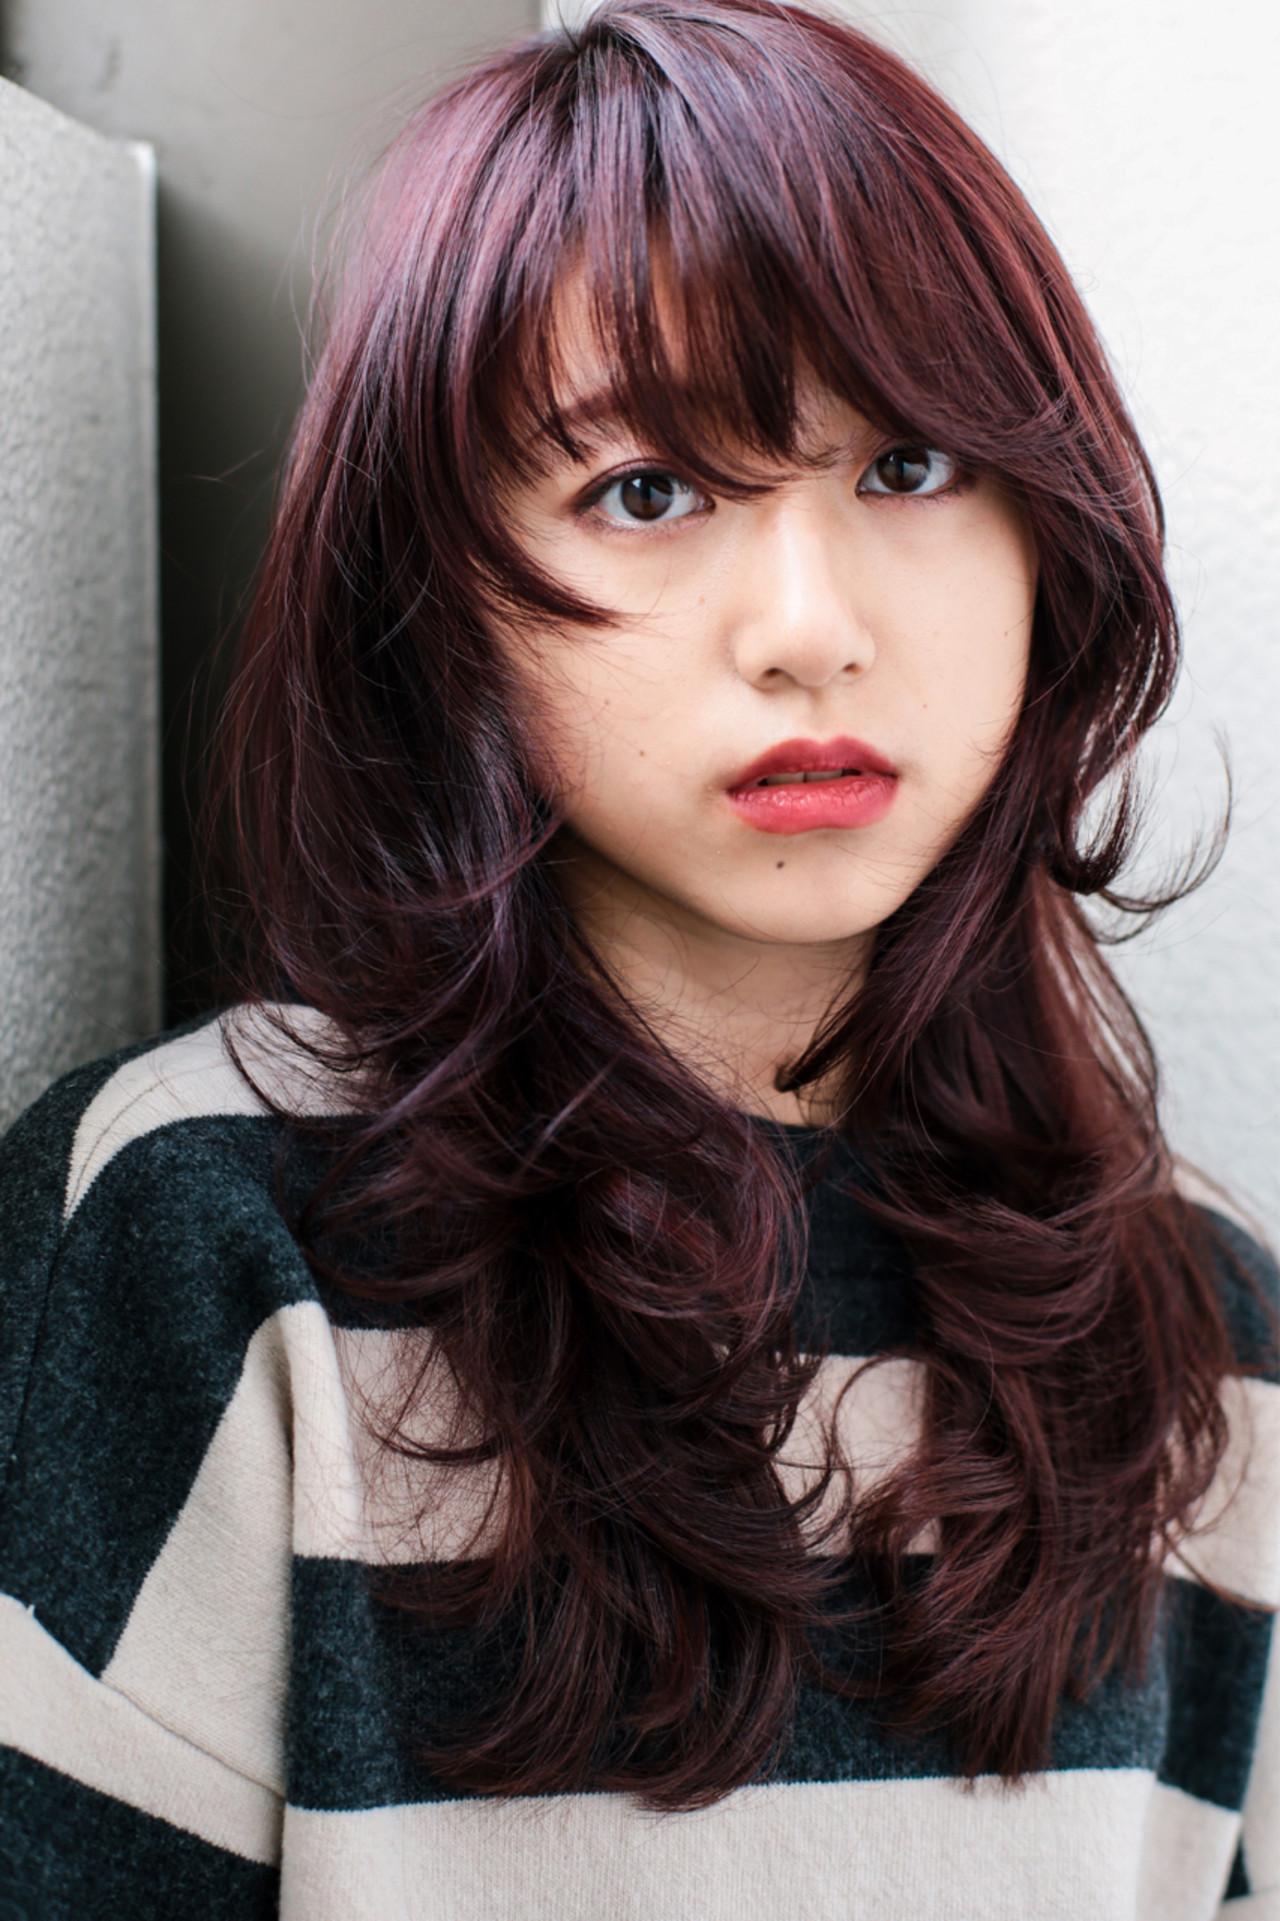 ウルフカット 大人女子 小顔 ロング ヘアスタイルや髪型の写真・画像